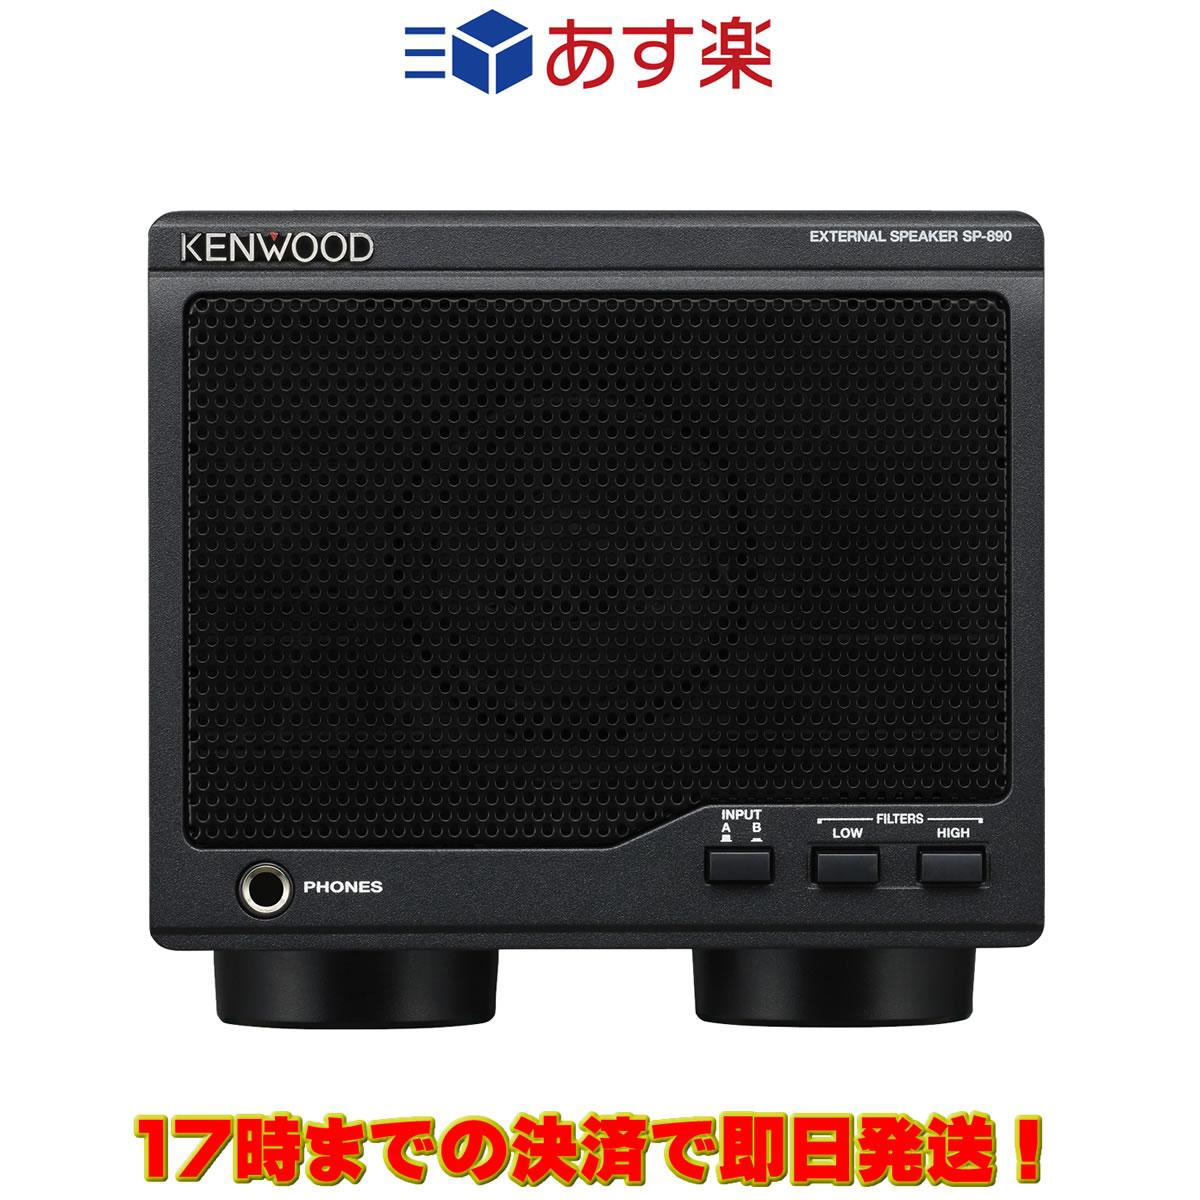 【ラッキーシール対応】 SP-890 ケンウッド TS-890シリーズ用 外部スピーカー